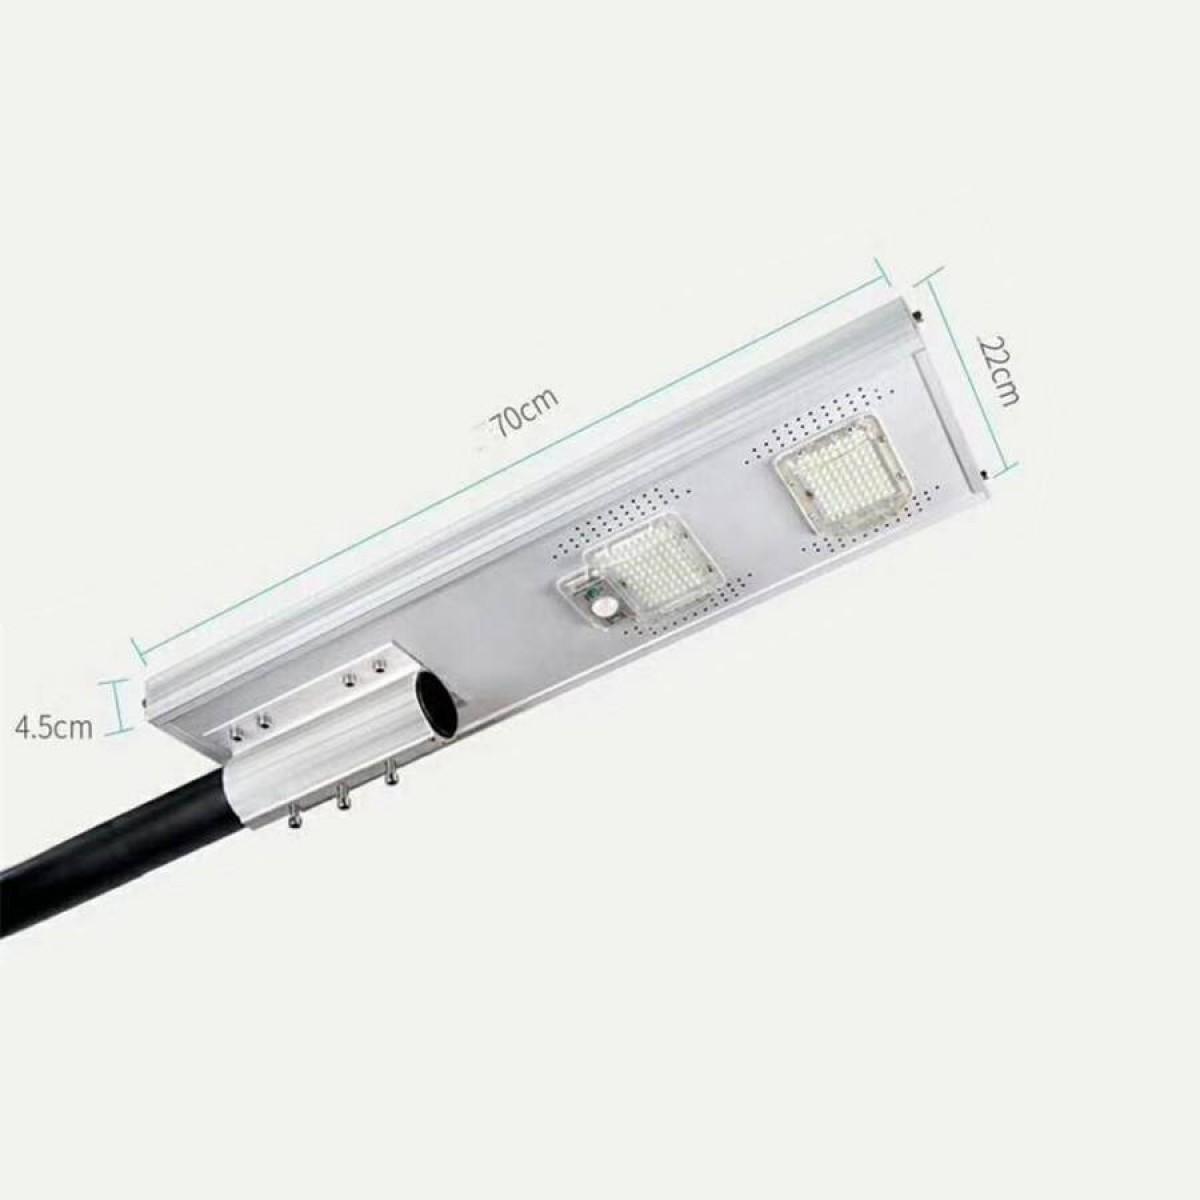 Ηλιακός προβολέας LED 100Watt με αισθητήρα ημέρα - νύχτας JD-1950